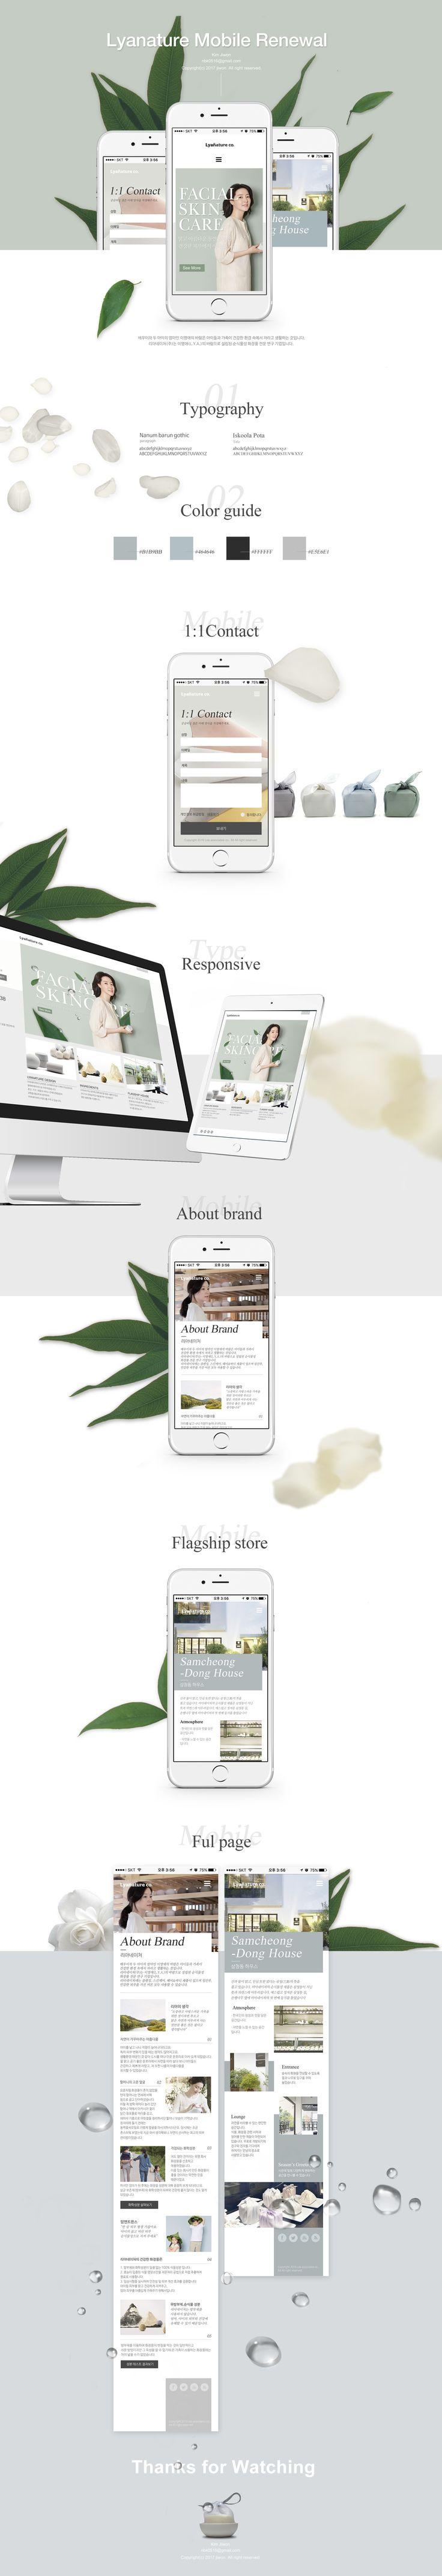 욱스웹디자인아카데미-Lyanature mobile redesign - Design by Kim-jiwon